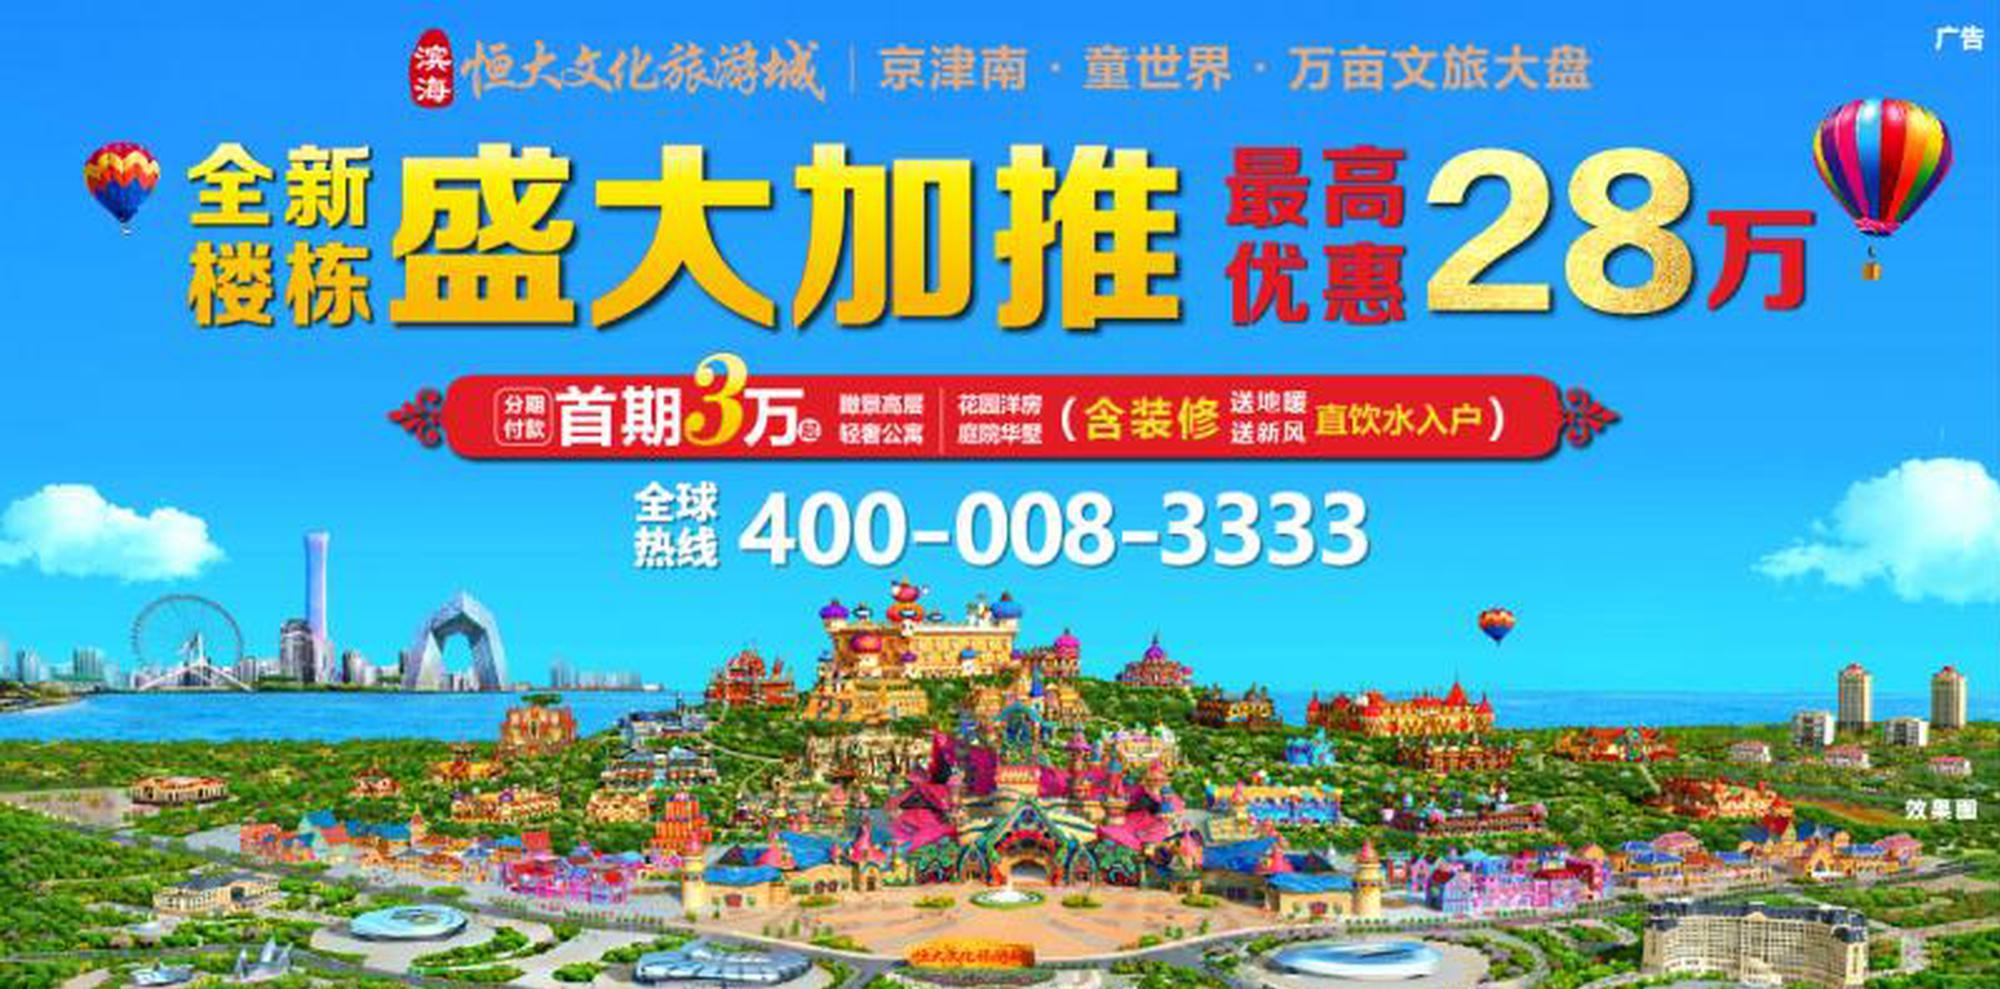 恒大文化旅游城   京津南 . 童世界